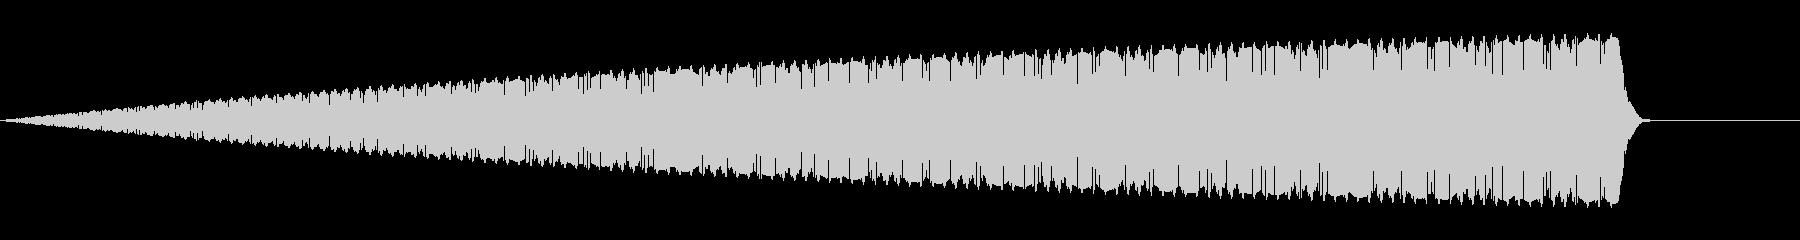 キーンというノイズ音の未再生の波形